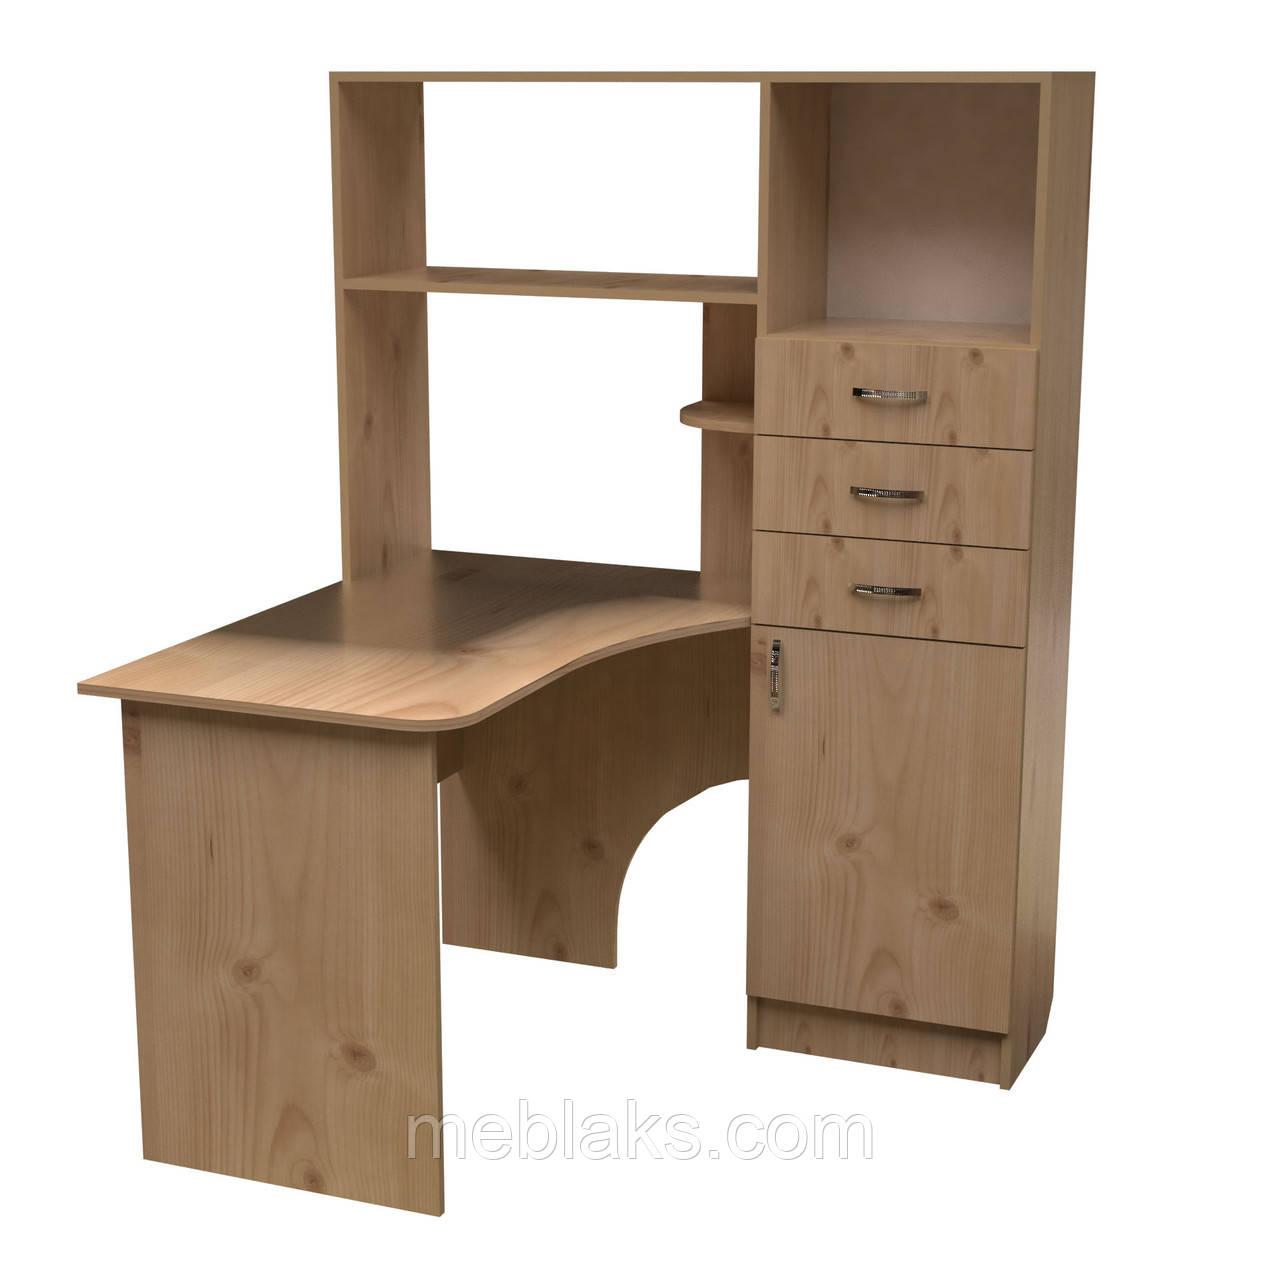 Компьютерный стол НСК 36